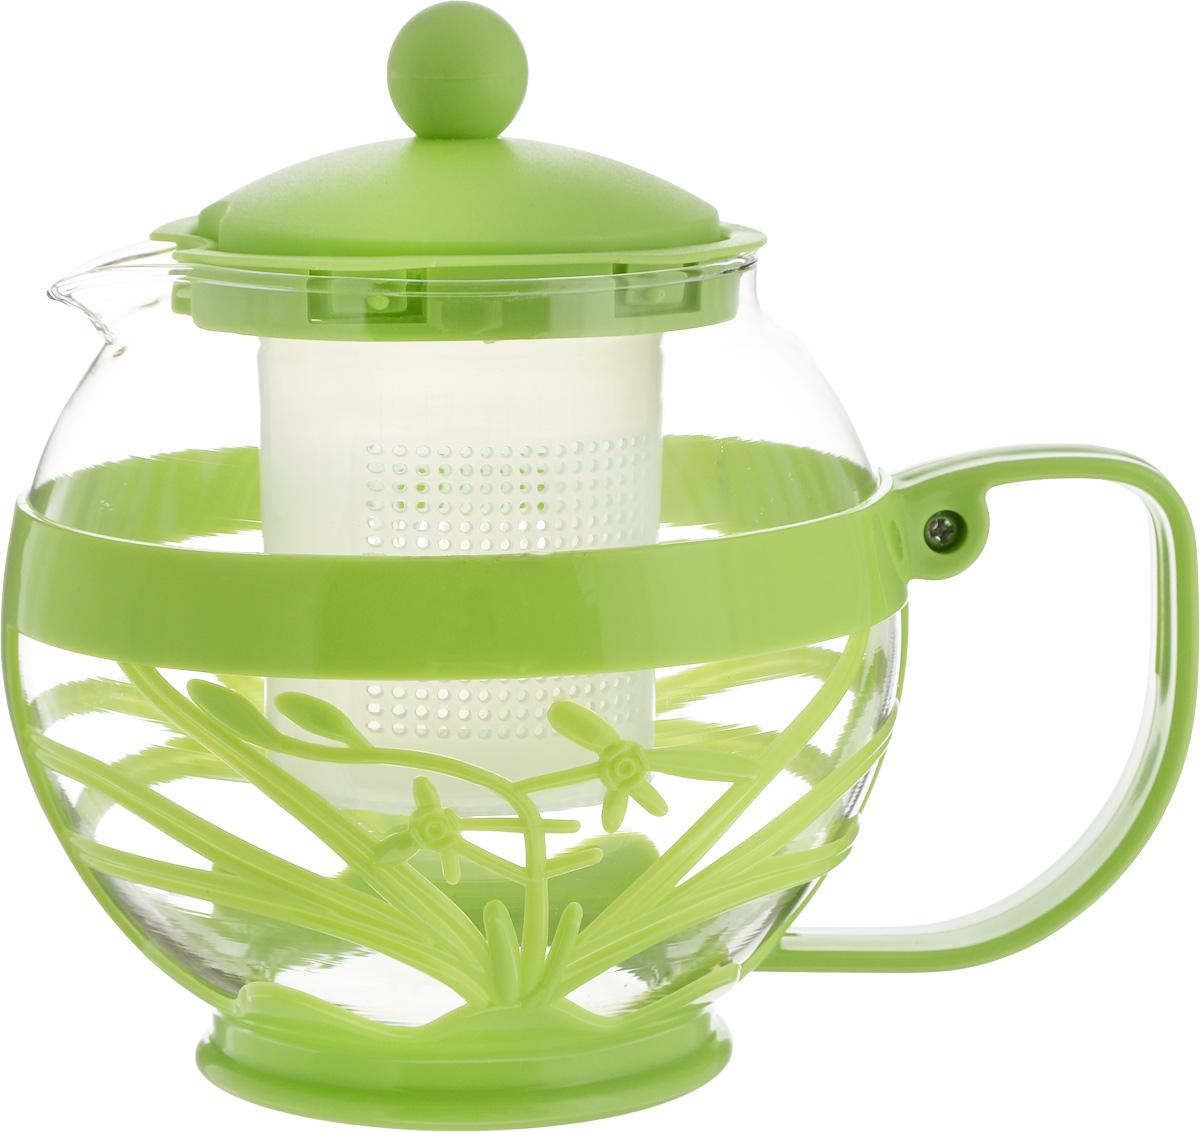 Чайник заварочный Wellberg Aqual, с фильтром, цвет: прозрачный, зеленый, 800 мл68/5/4Заварочный чайник Wellberg Aqual изготовлен из высококачественного пластика и жаропрочного стекла. Чайник имеет пластиковый фильтр и оснащен удобной ручкой. Он прекрасно подойдет для заваривания чая и травяных напитков. Такой заварочный чайник займет достойное место на вашей кухне.Высота чайника (без учета крышки): 11,5 см.Высота чайника (с учетом крышки): 14 см. Диаметр (по верхнему краю): 7 см.